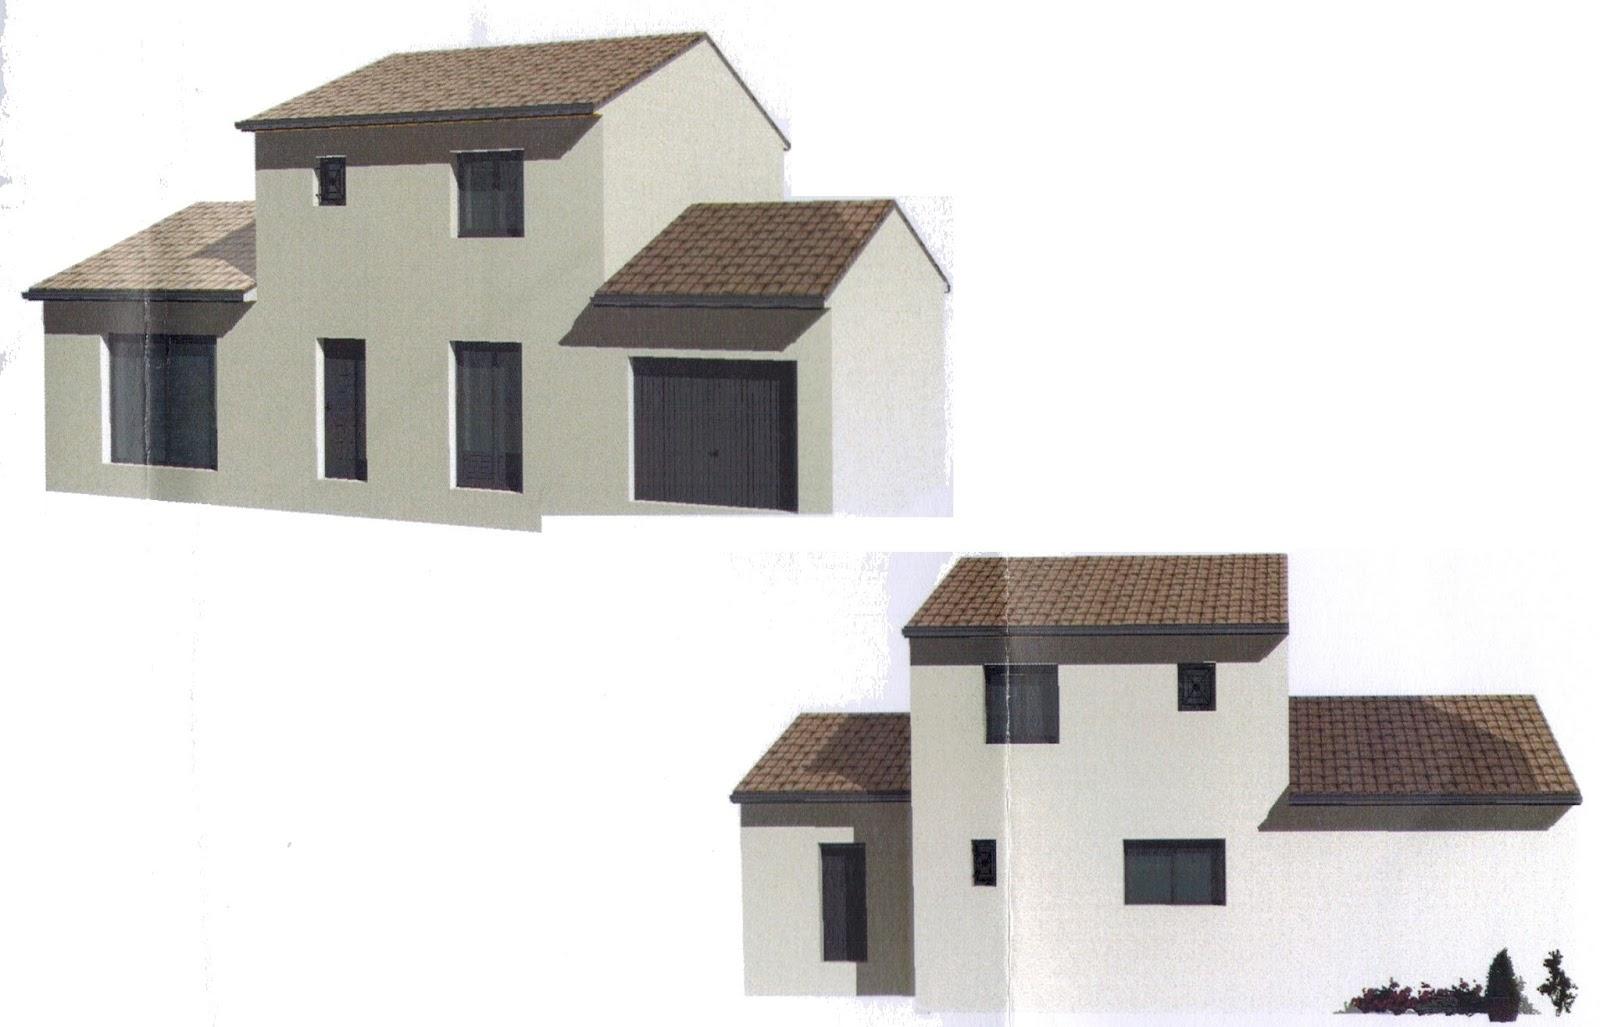 Ma troisi me maison sera rt 2012 chapitre 6 retour la for Construction de maison 3d